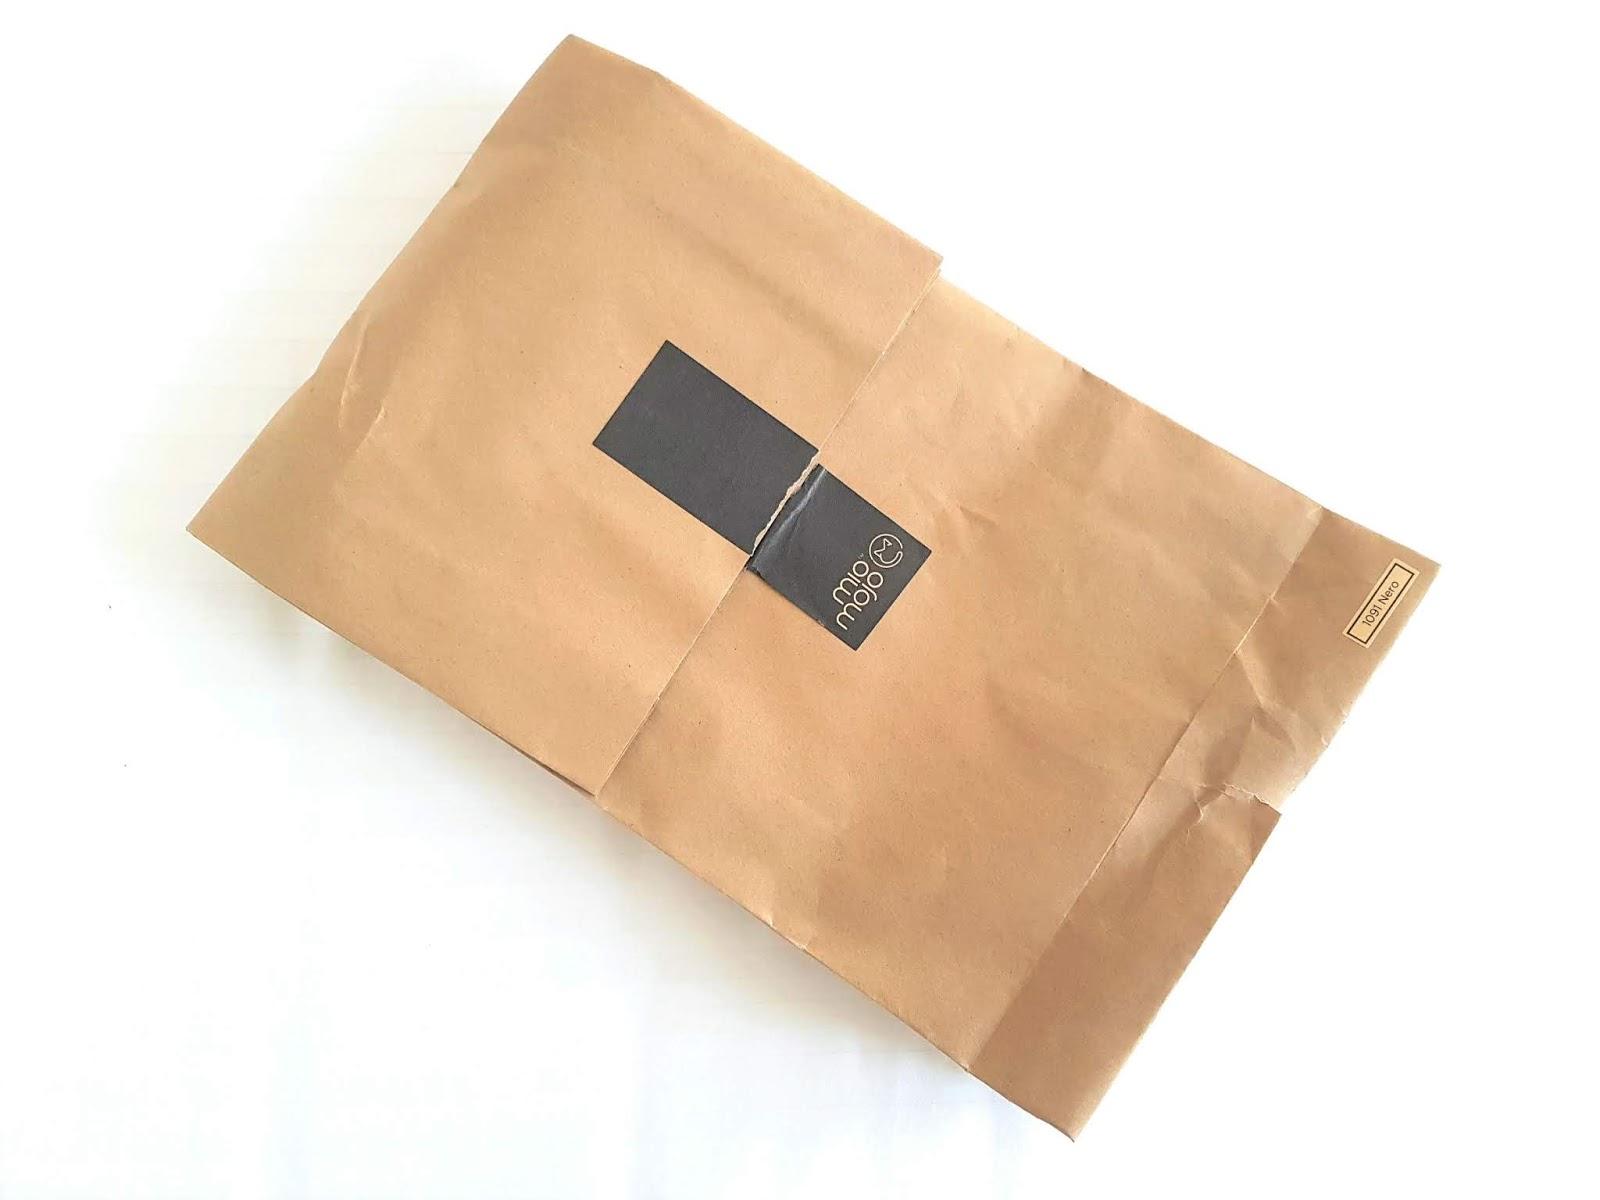 Sustainable backpack - eco-friendly packaging - Vegan backpack in plastic-free packaging